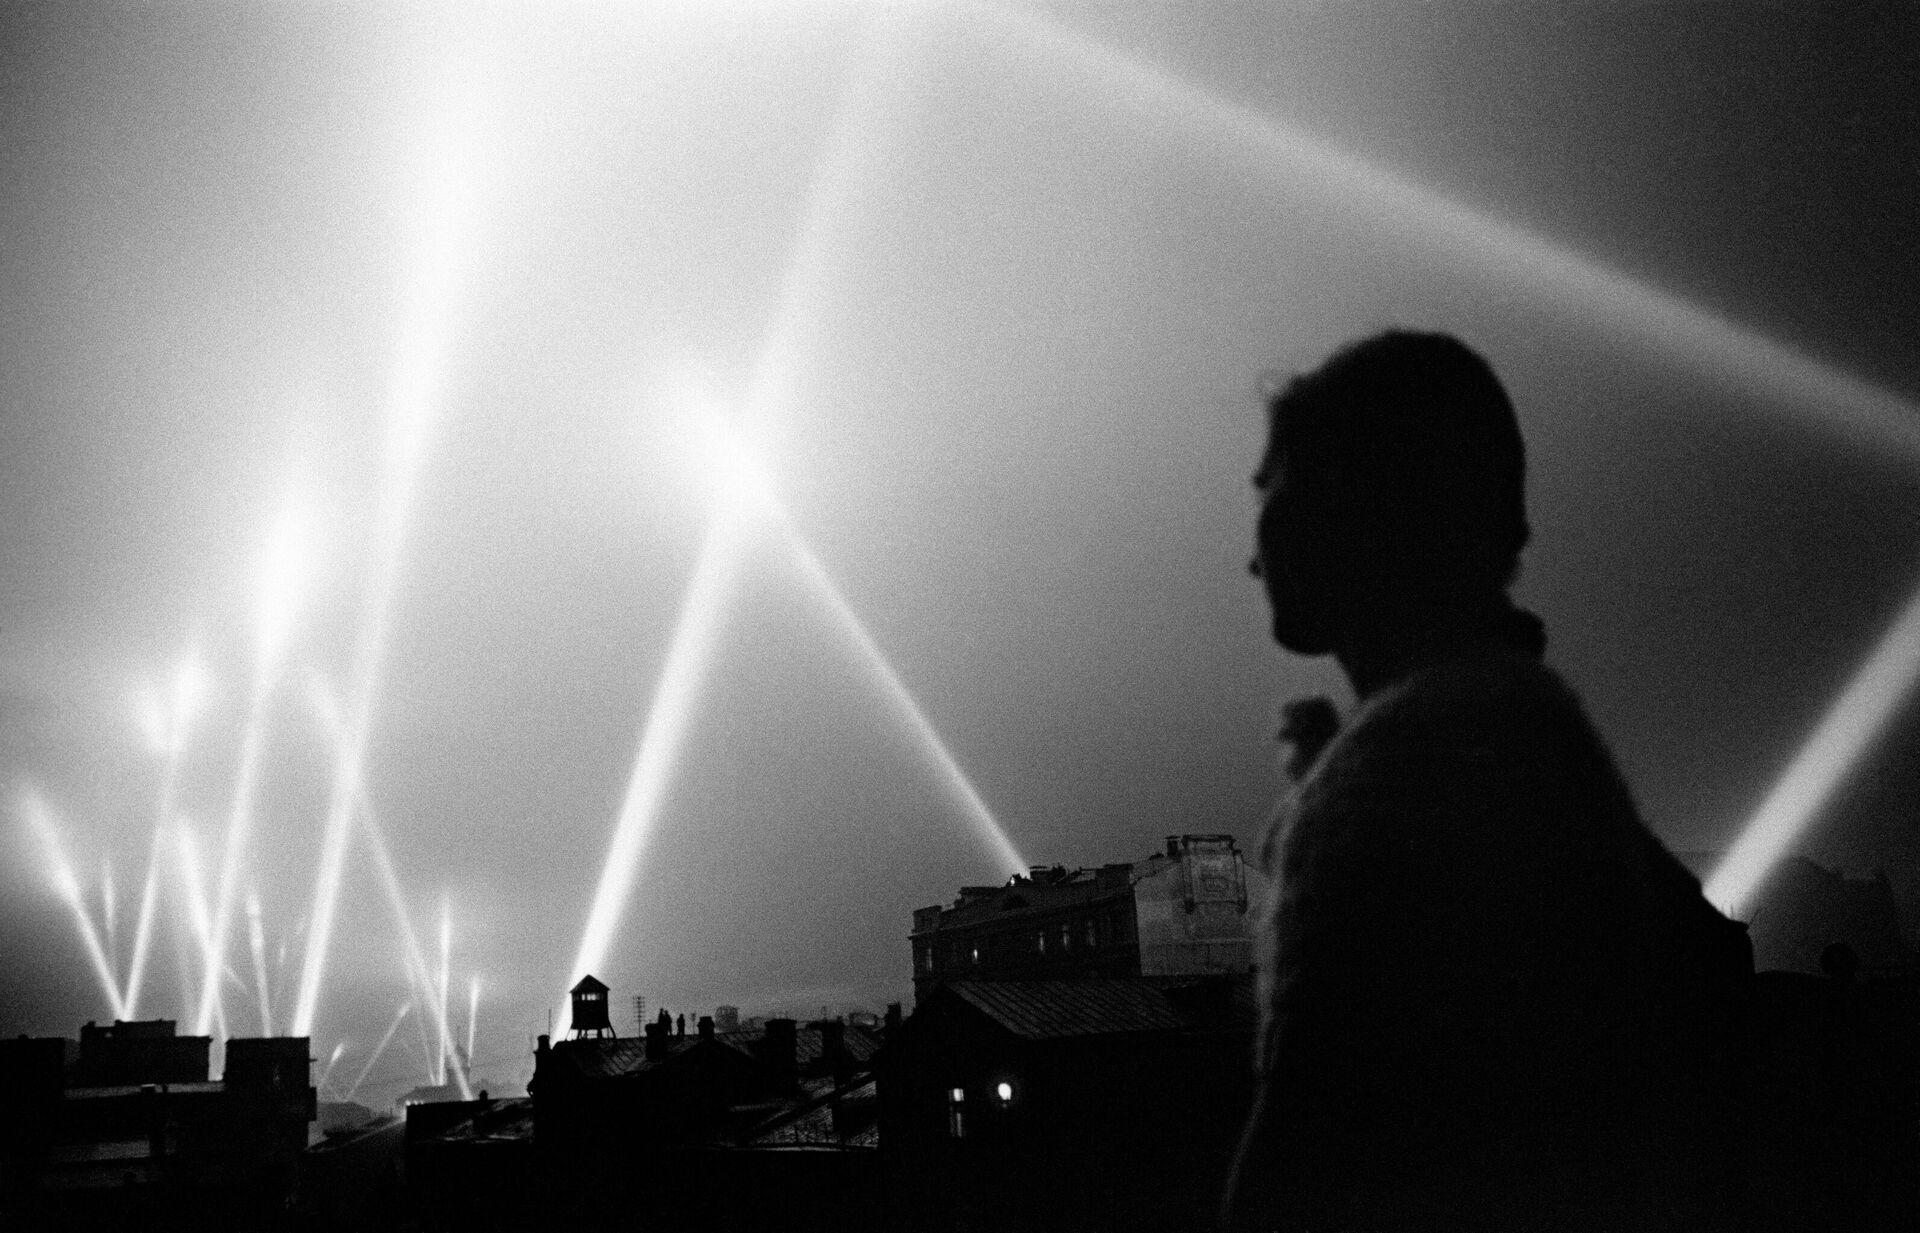 Великая Отечественная война 1941-1945 гг. Лучи прожекторов войск ПВО освещают небо Москвы. Москва, июнь 1941 год - РИА Новости, 1920, 21.07.2021